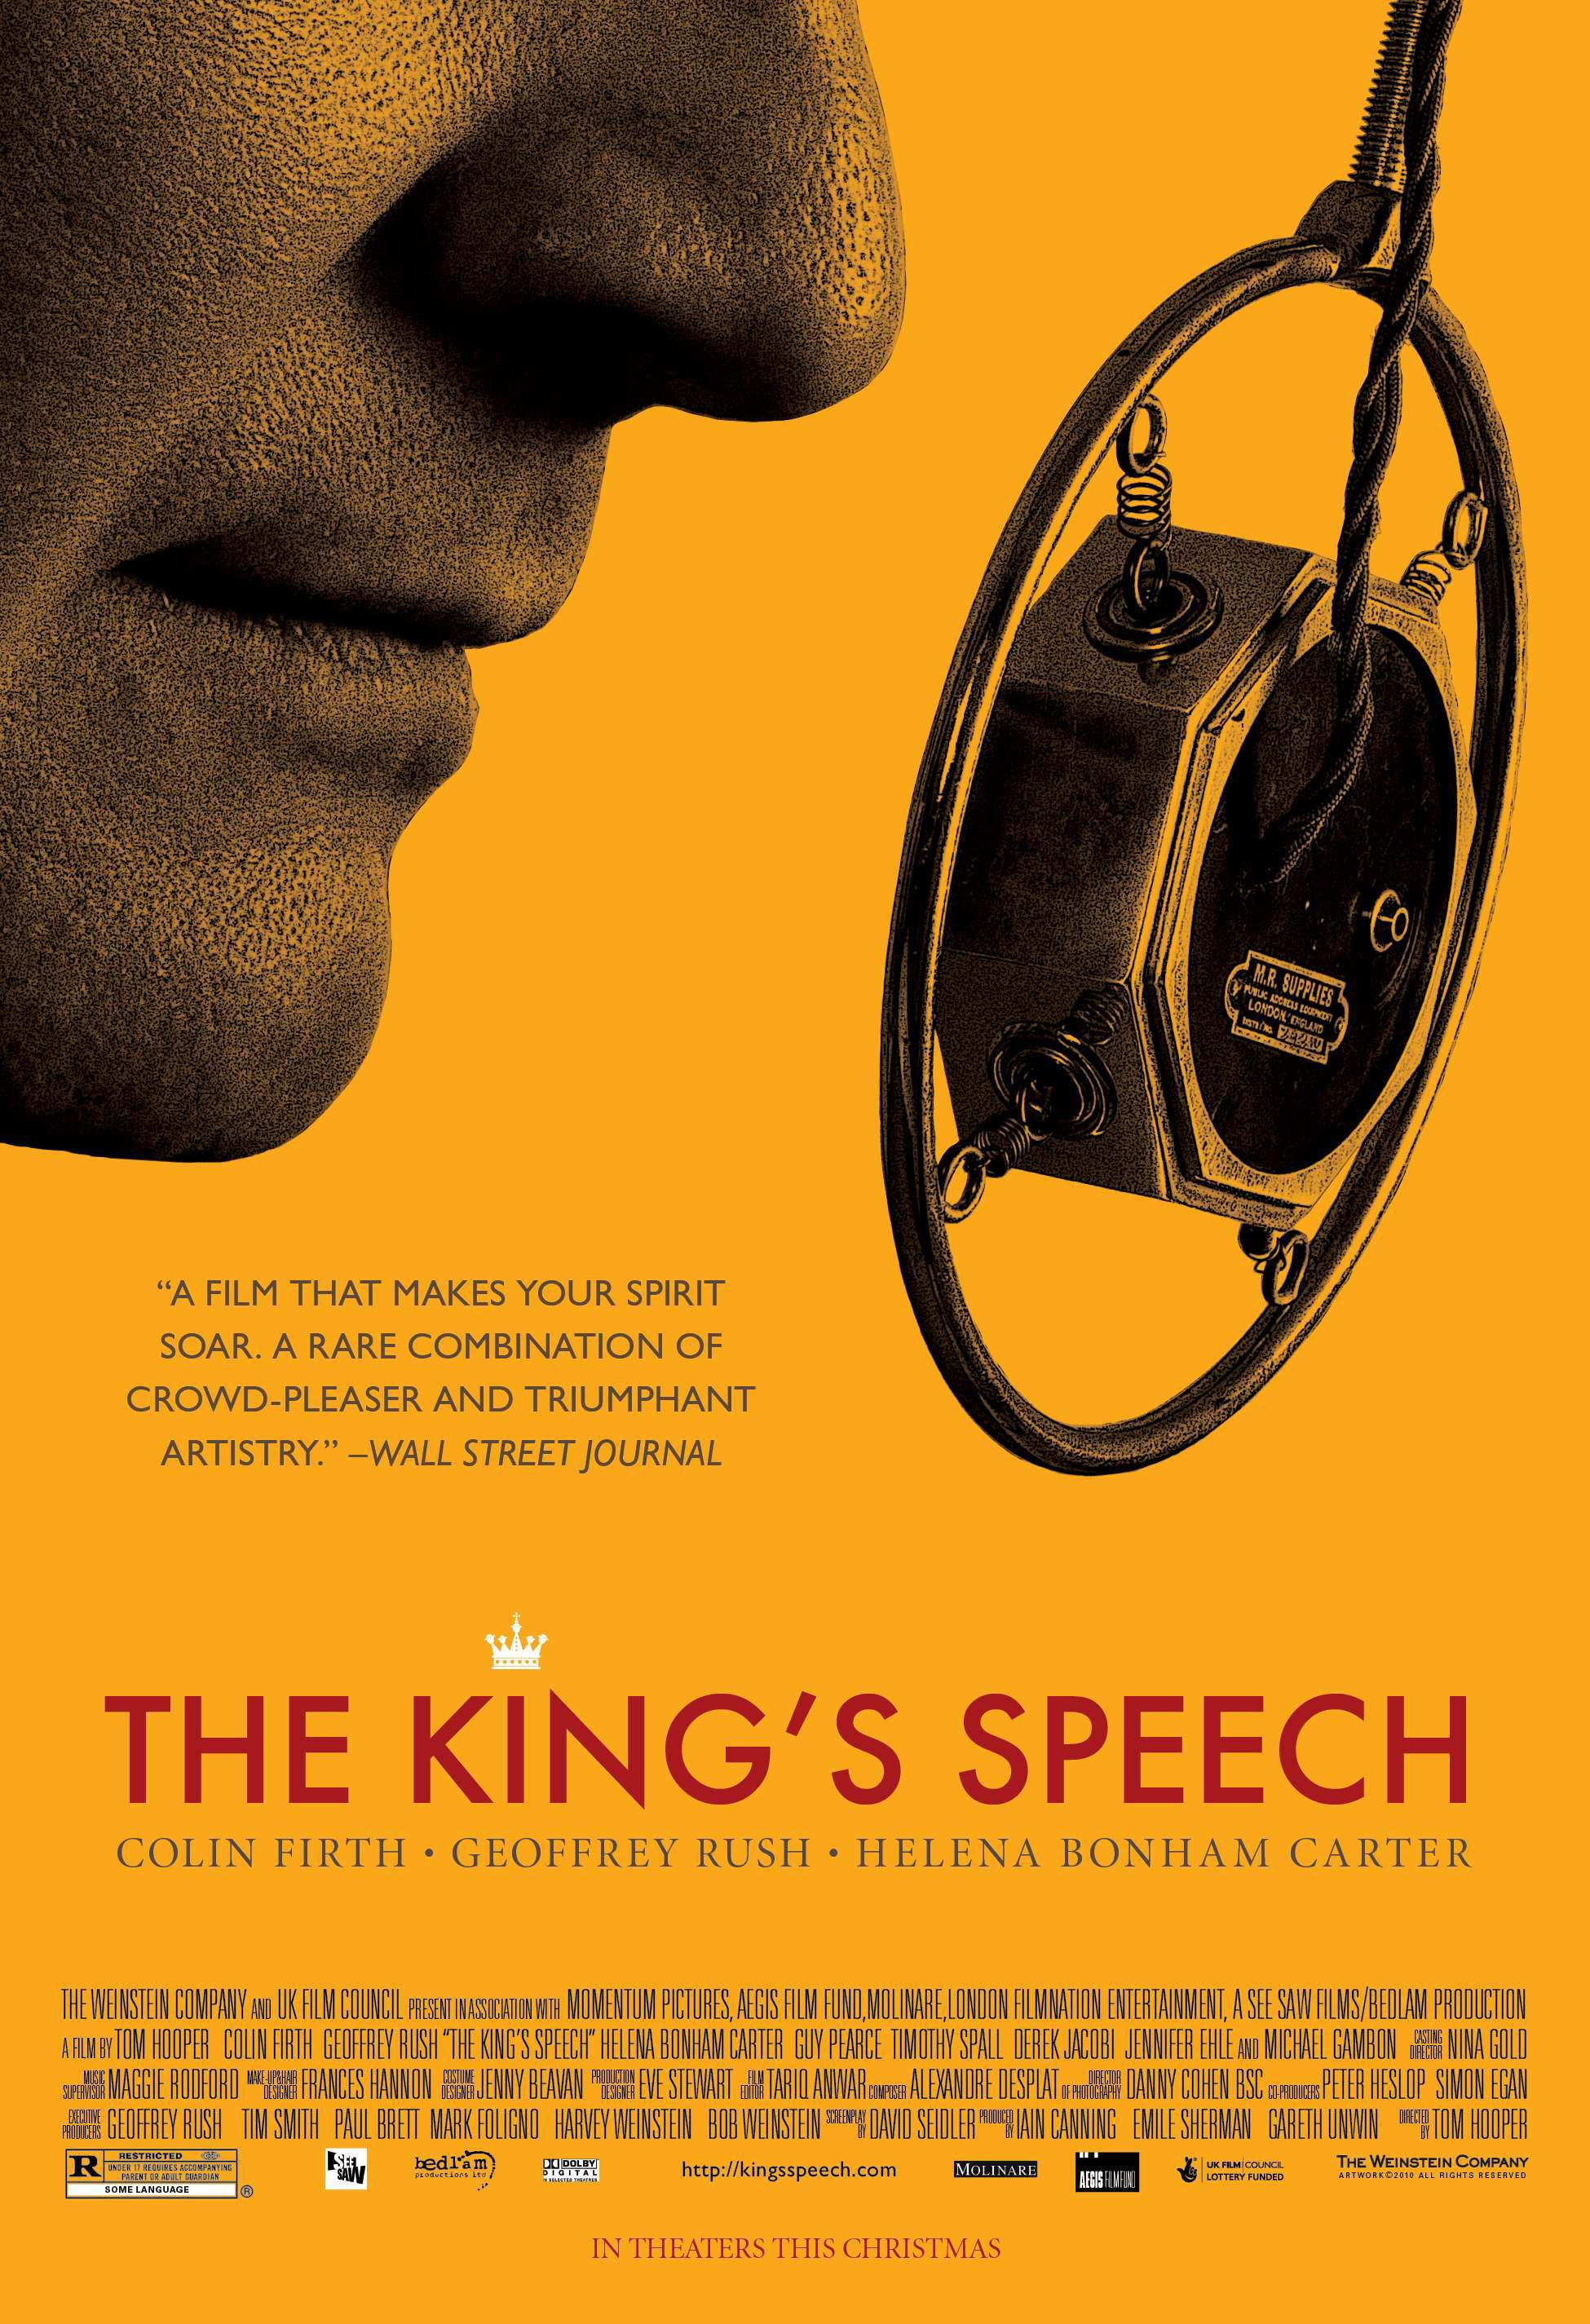 帅大叔演完绅士特工回锅当国王!科林·费尔斯有望继续接演《国王的演讲》续集《国王的战争》插图